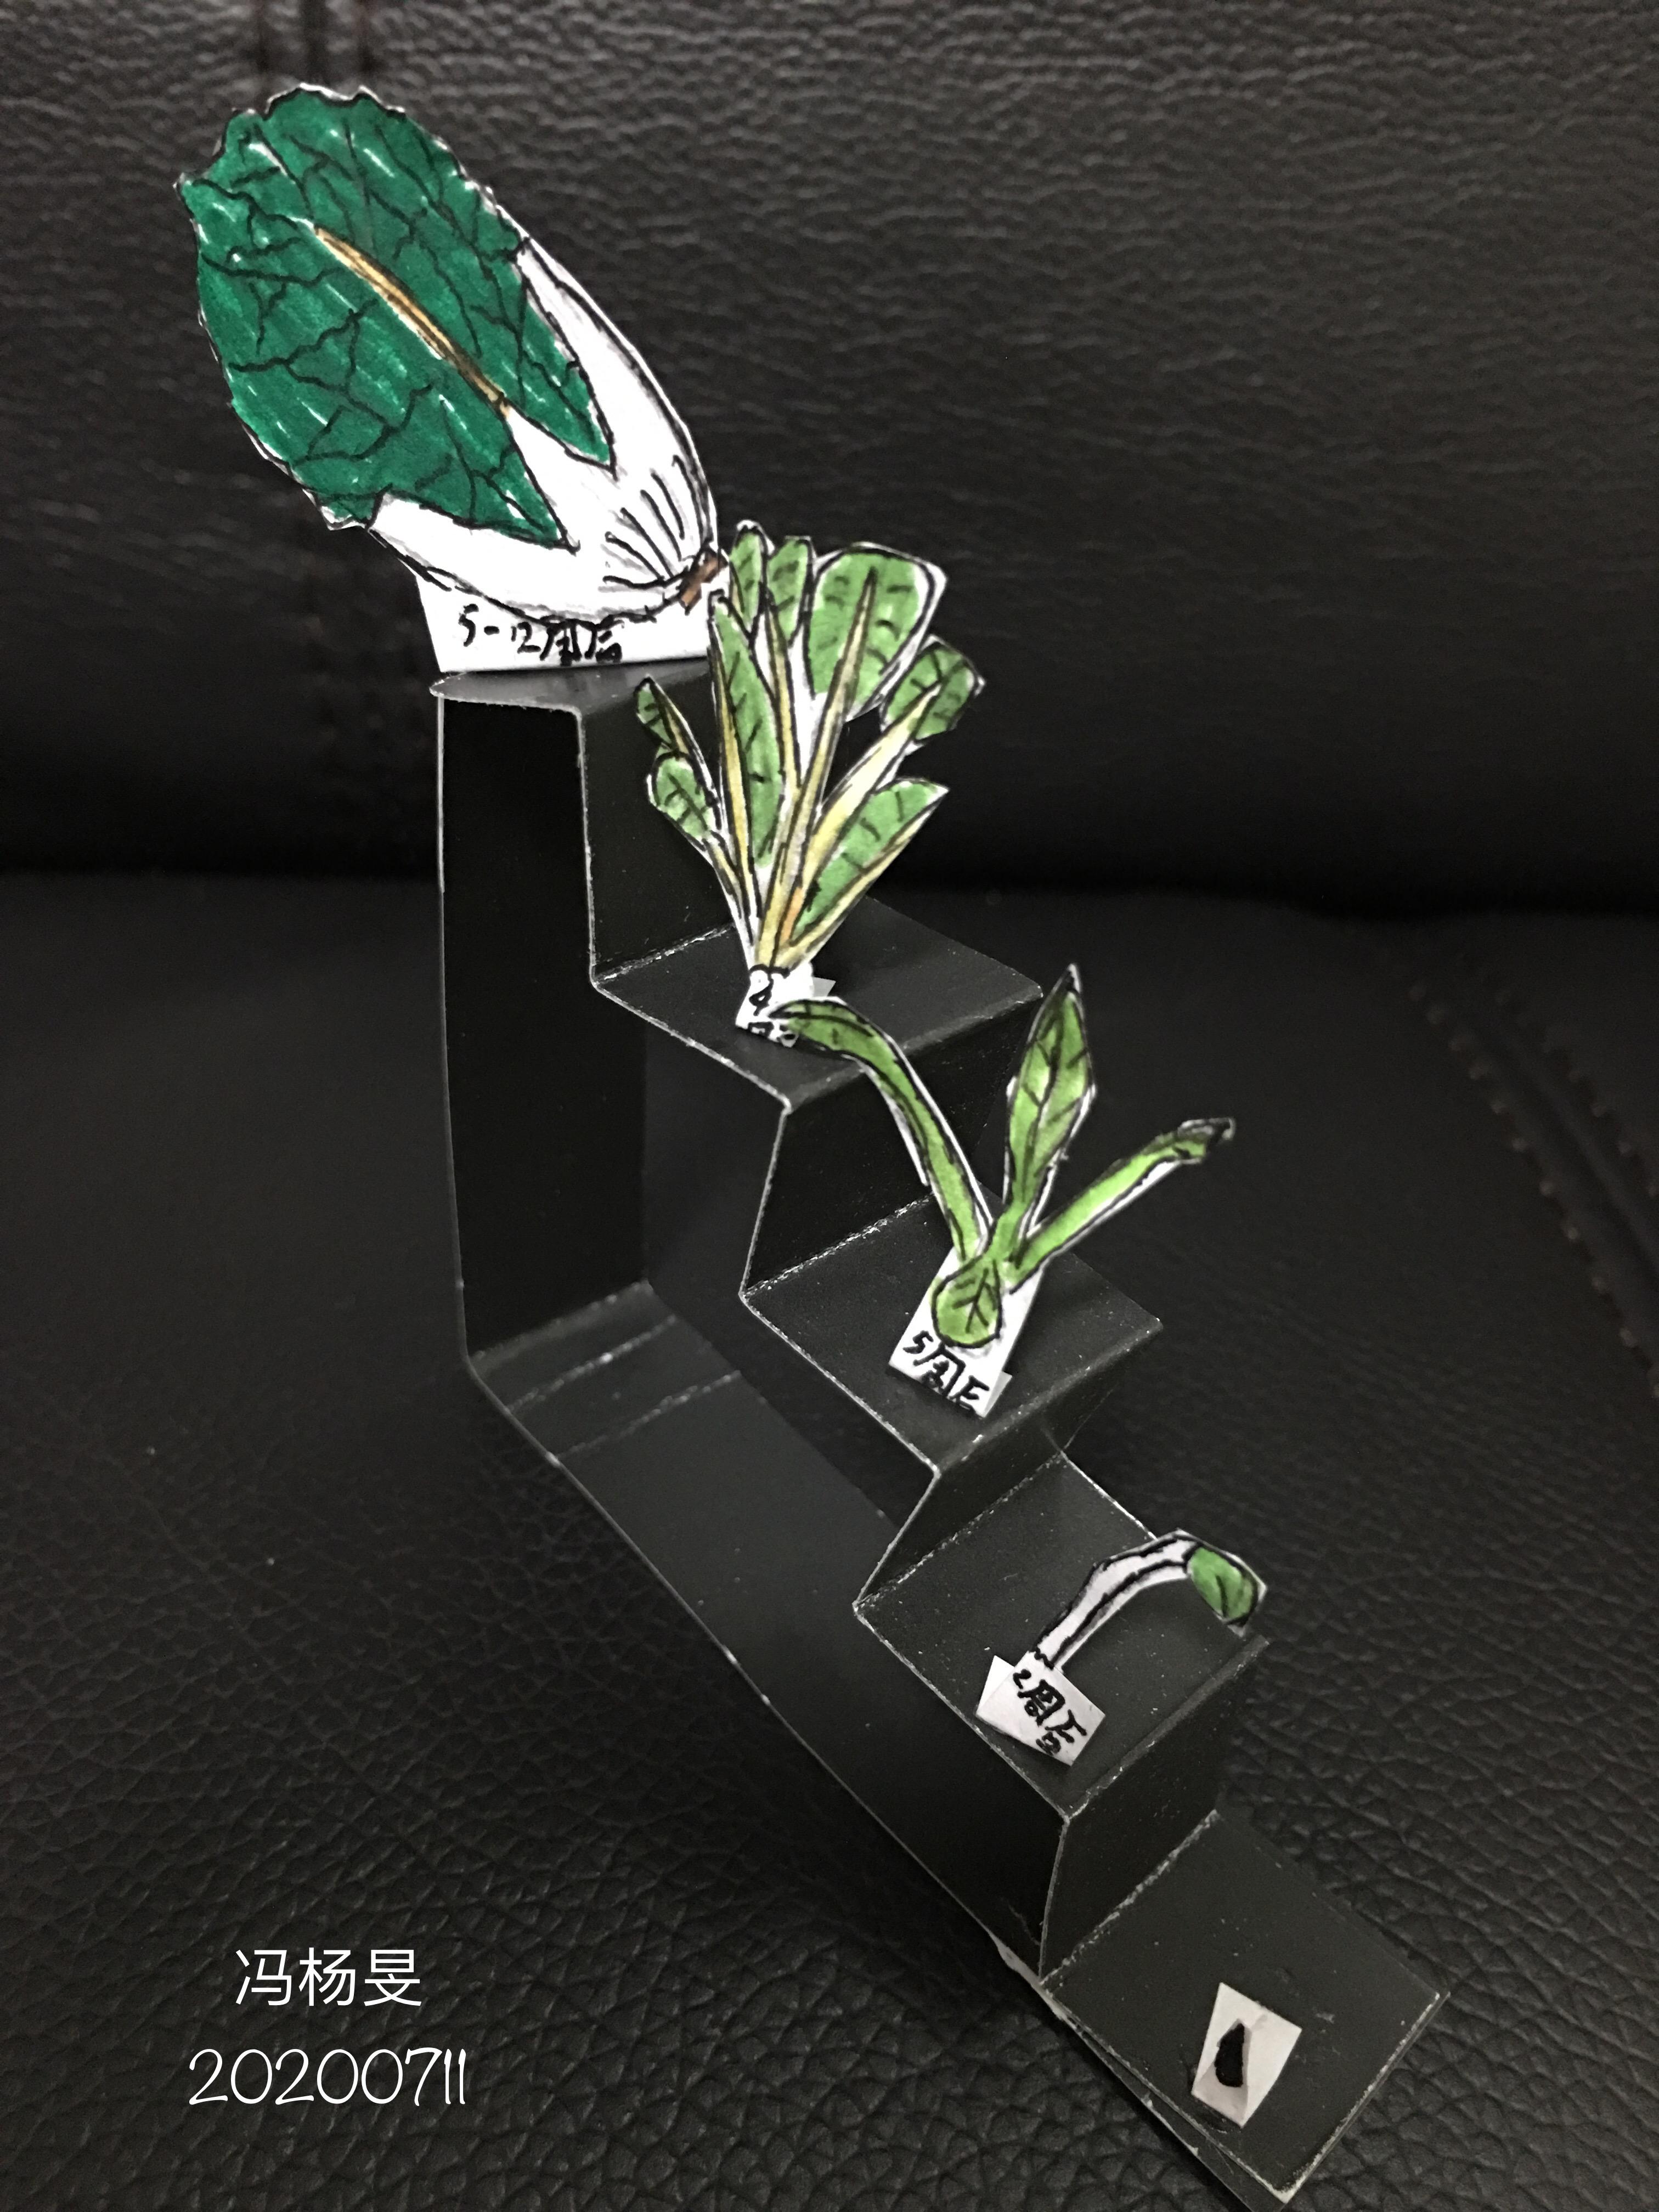 图片包含 桌子, 绿色, 游戏机, 花  描述已自动生成